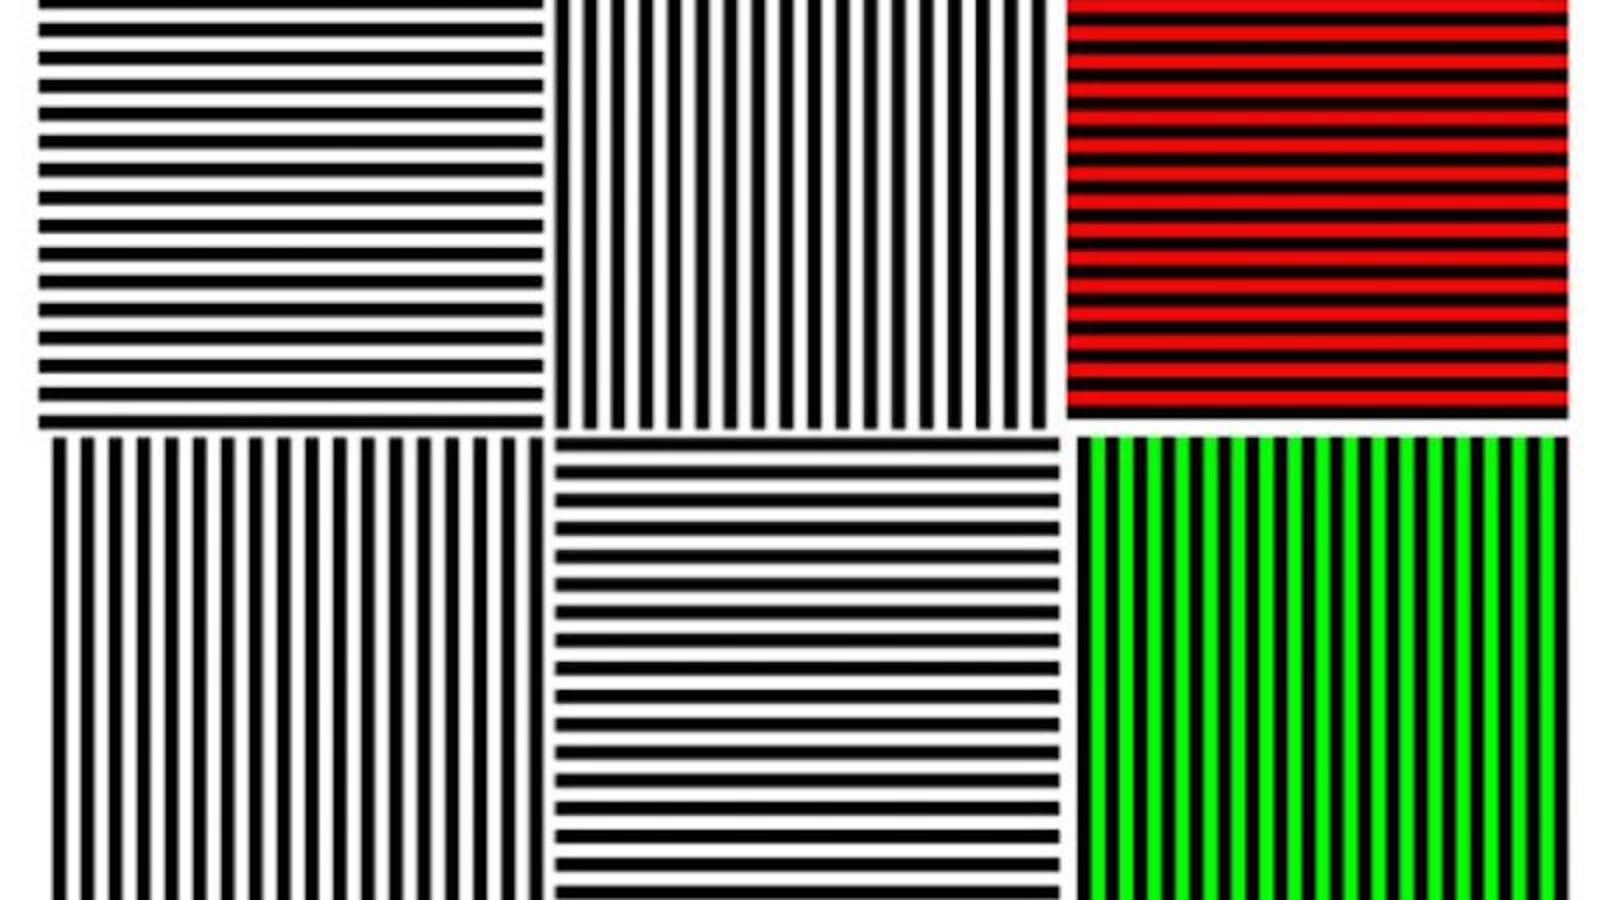 El efecto McCollough, o cómo una simple imagen puede hackear tu cerebro durante meses